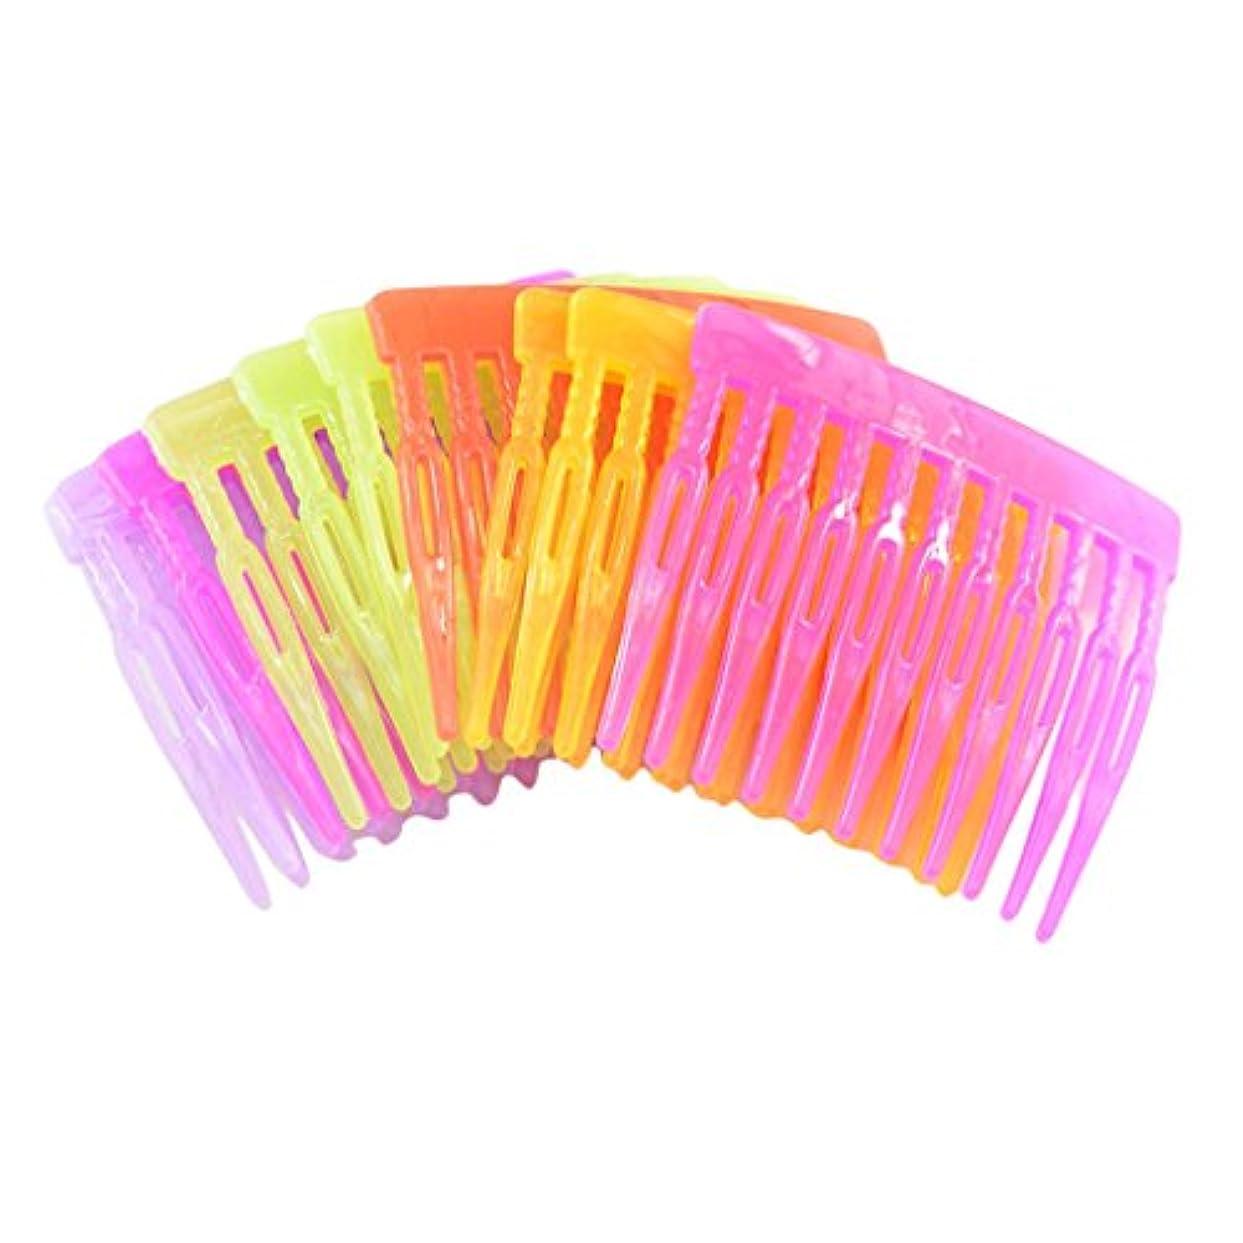 高度な不定覚えている23歯付き 可愛い ヘアクリップ エレガント プラスチック製 櫛